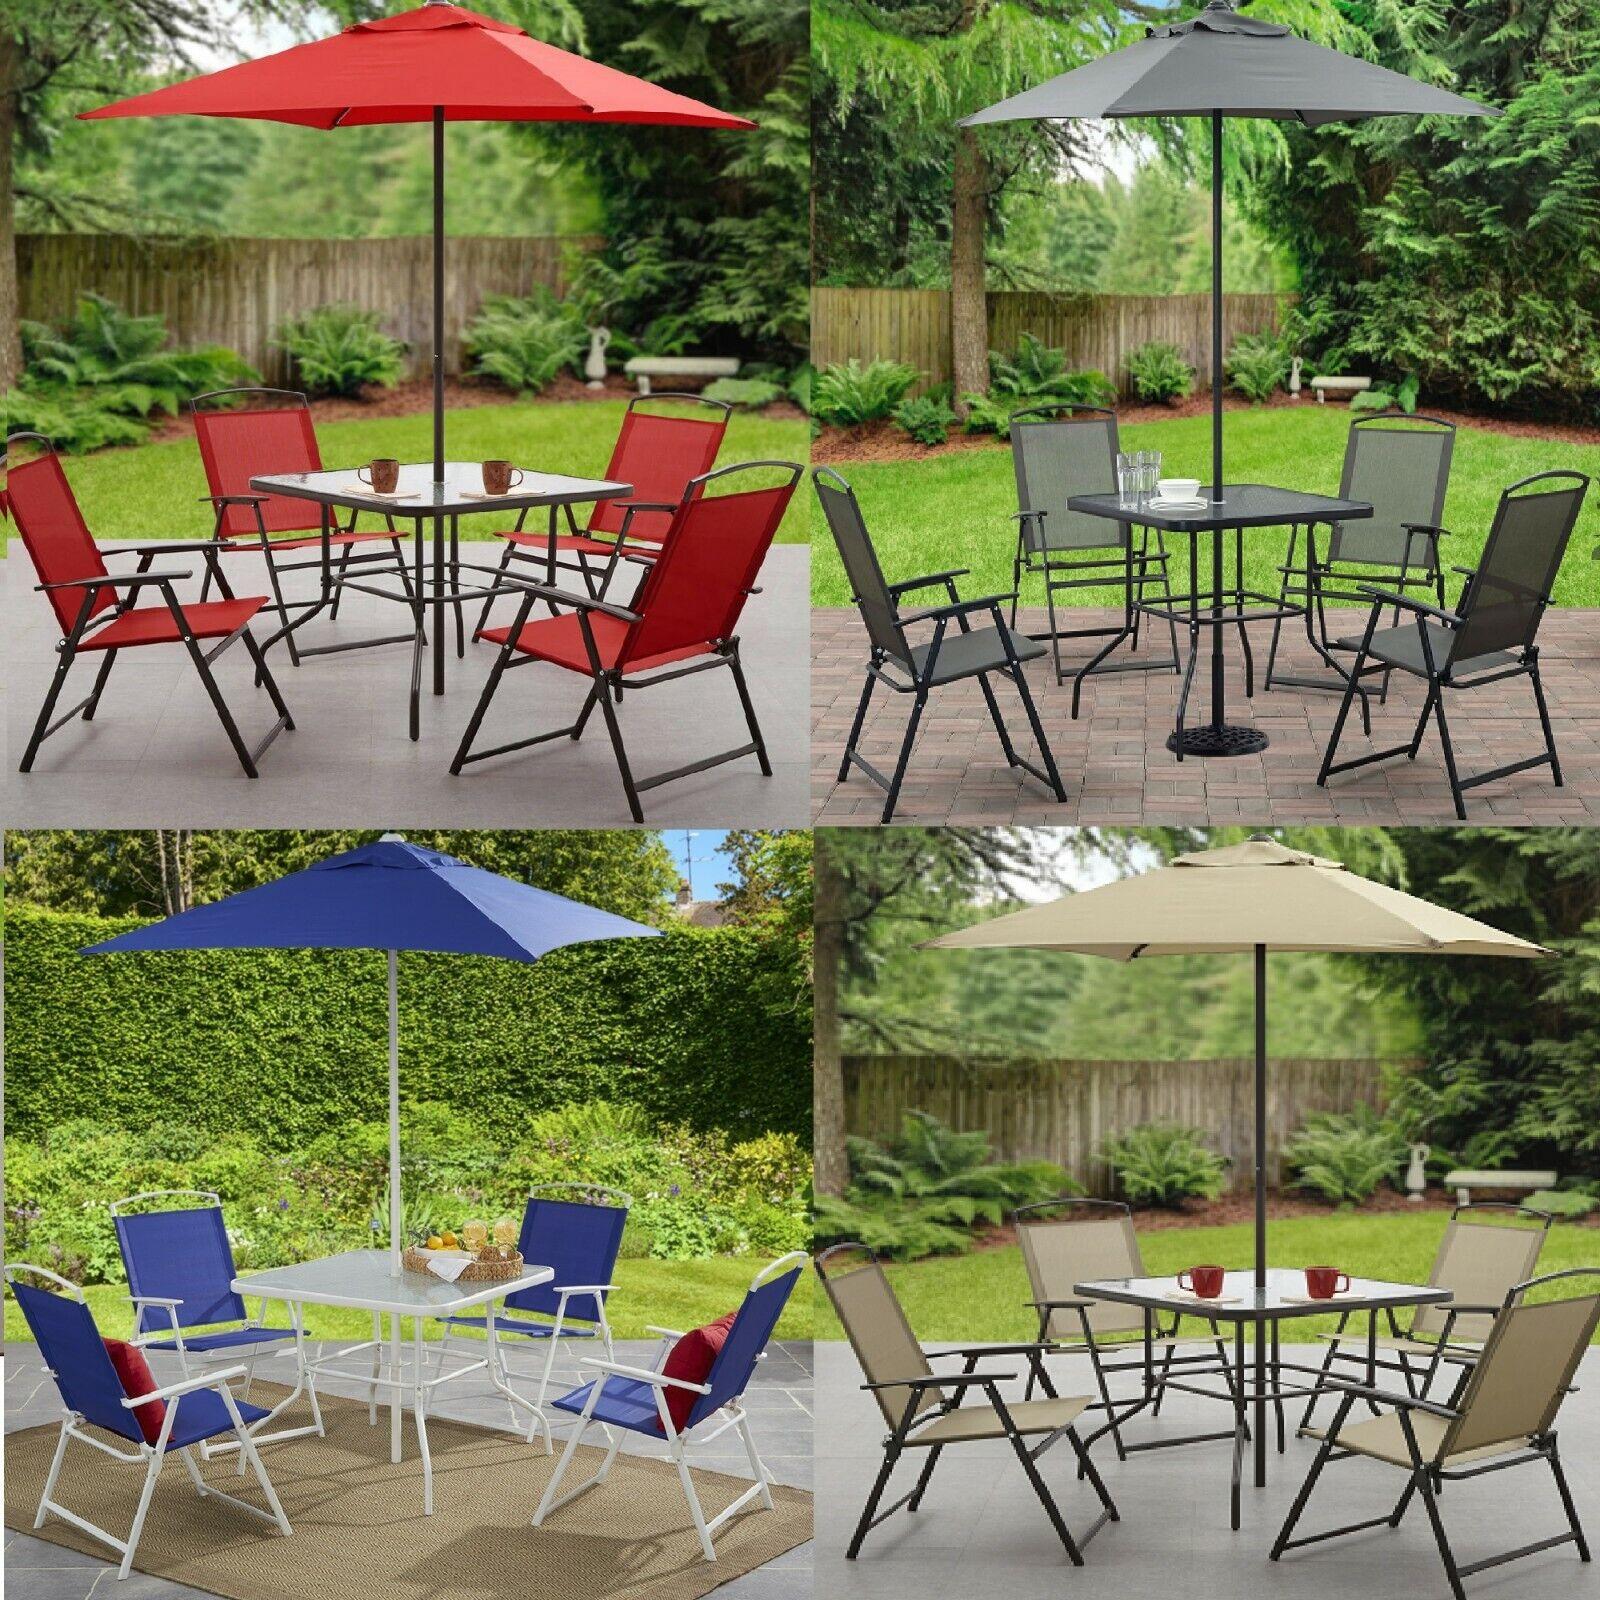 Garden Furniture - 6 Piece Patio Dining Set Outdoor Bistro Table Chairs Umbrella Garden Furniture